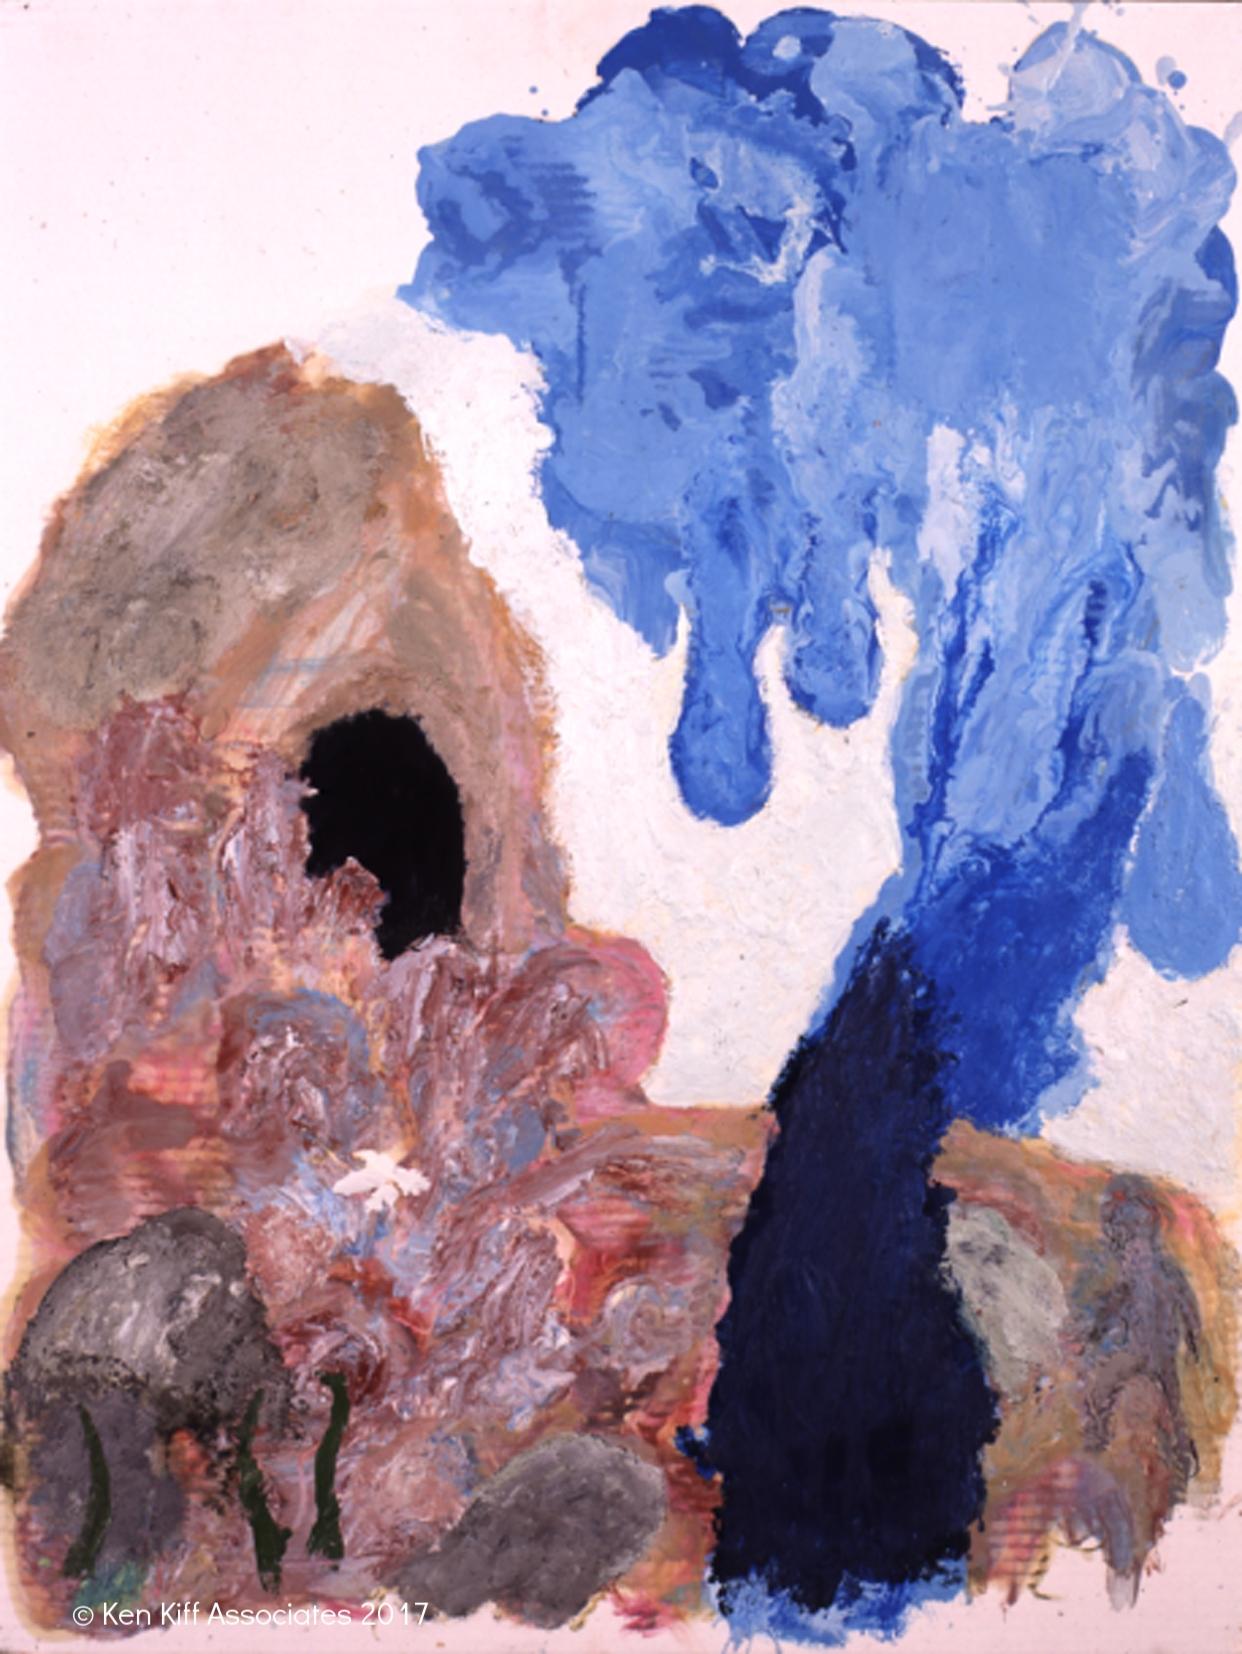 Ken Kiff - Untitled, Encaustic Painting (1999)